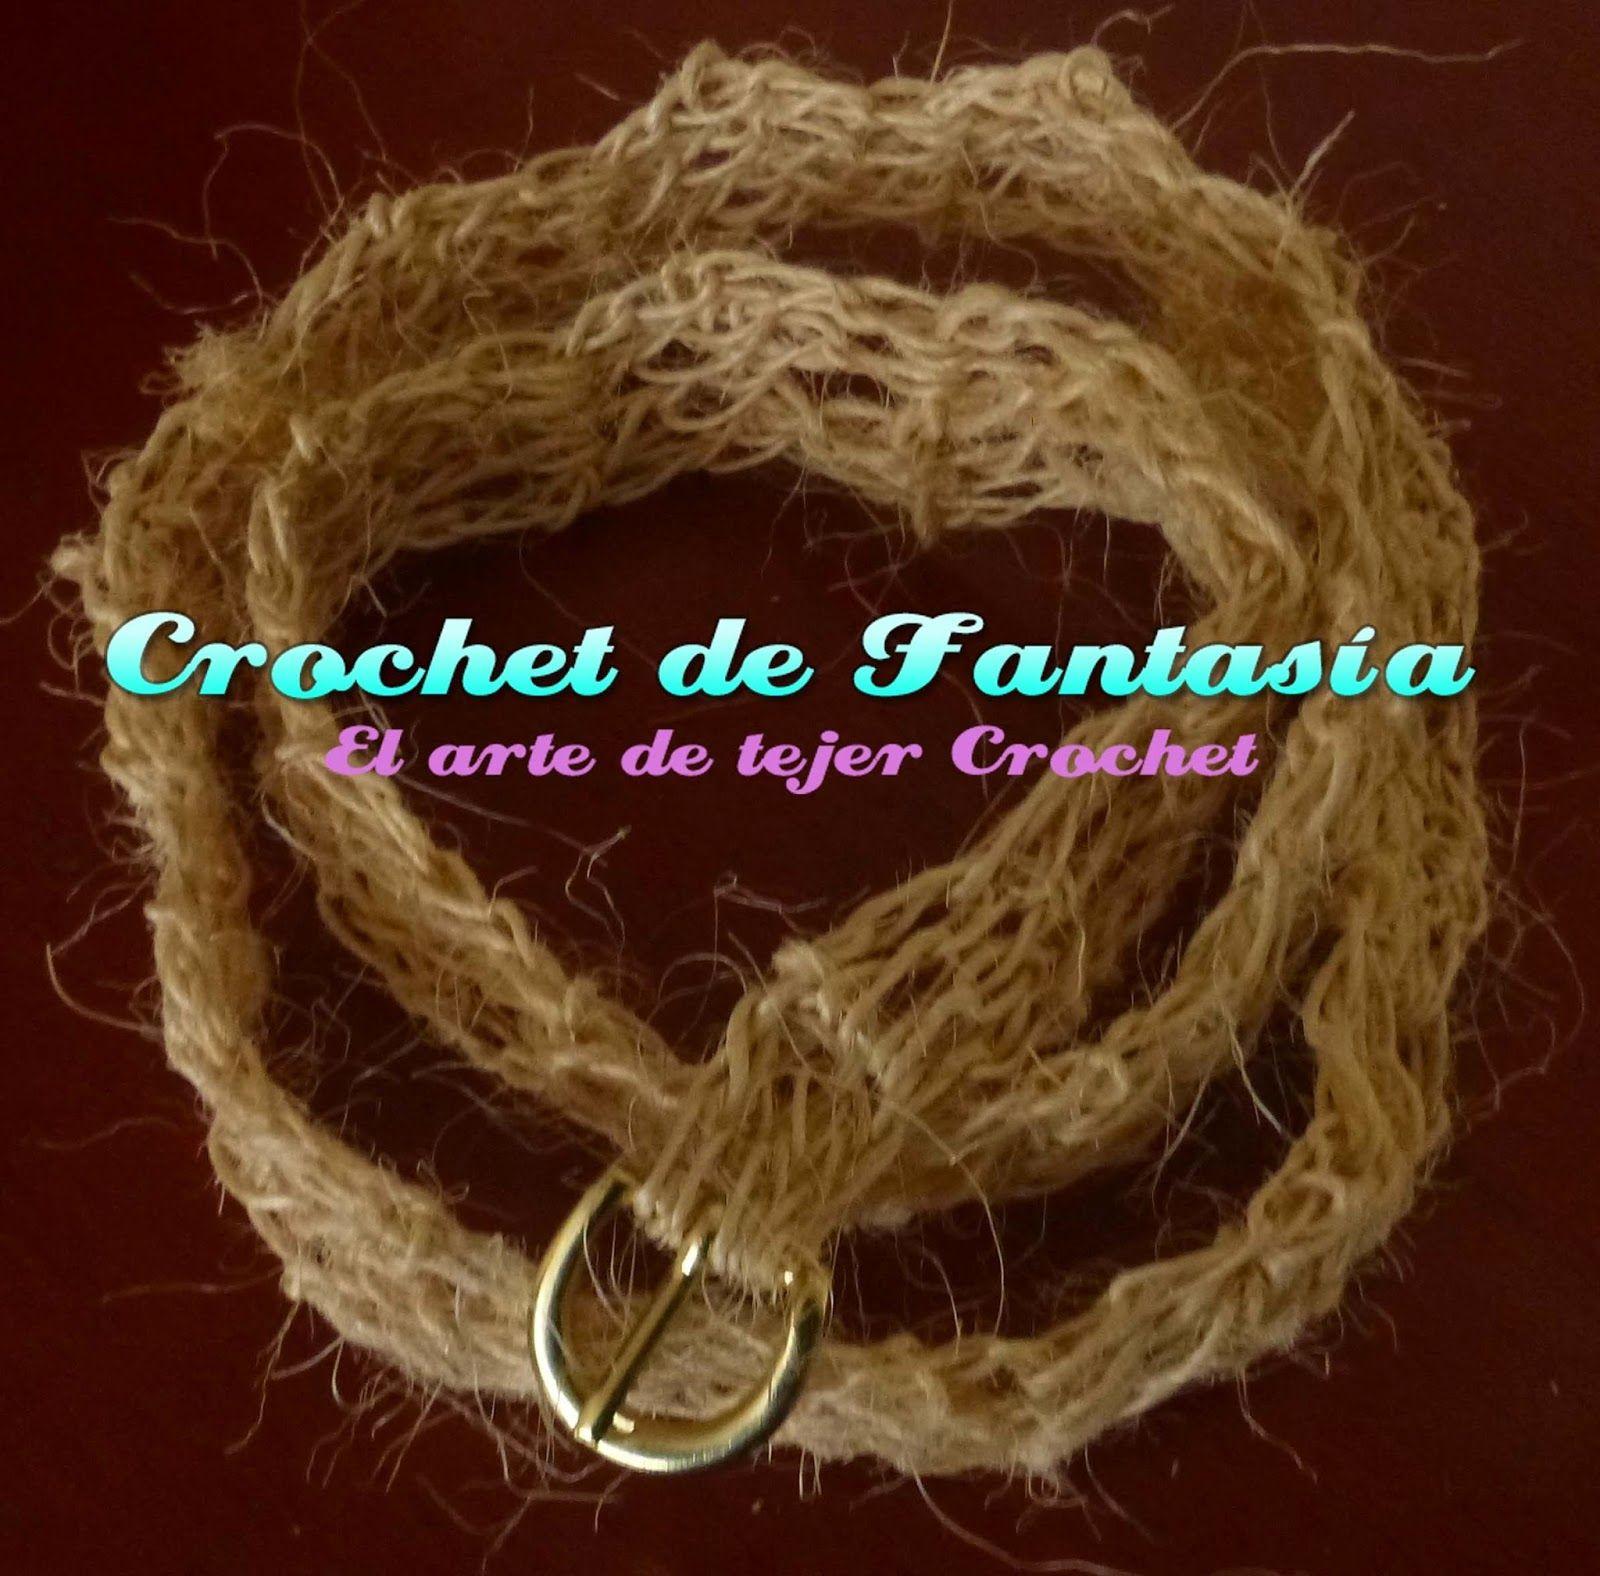 Crochet de Fantasía: Cinturón en Fique tejido en Crochet